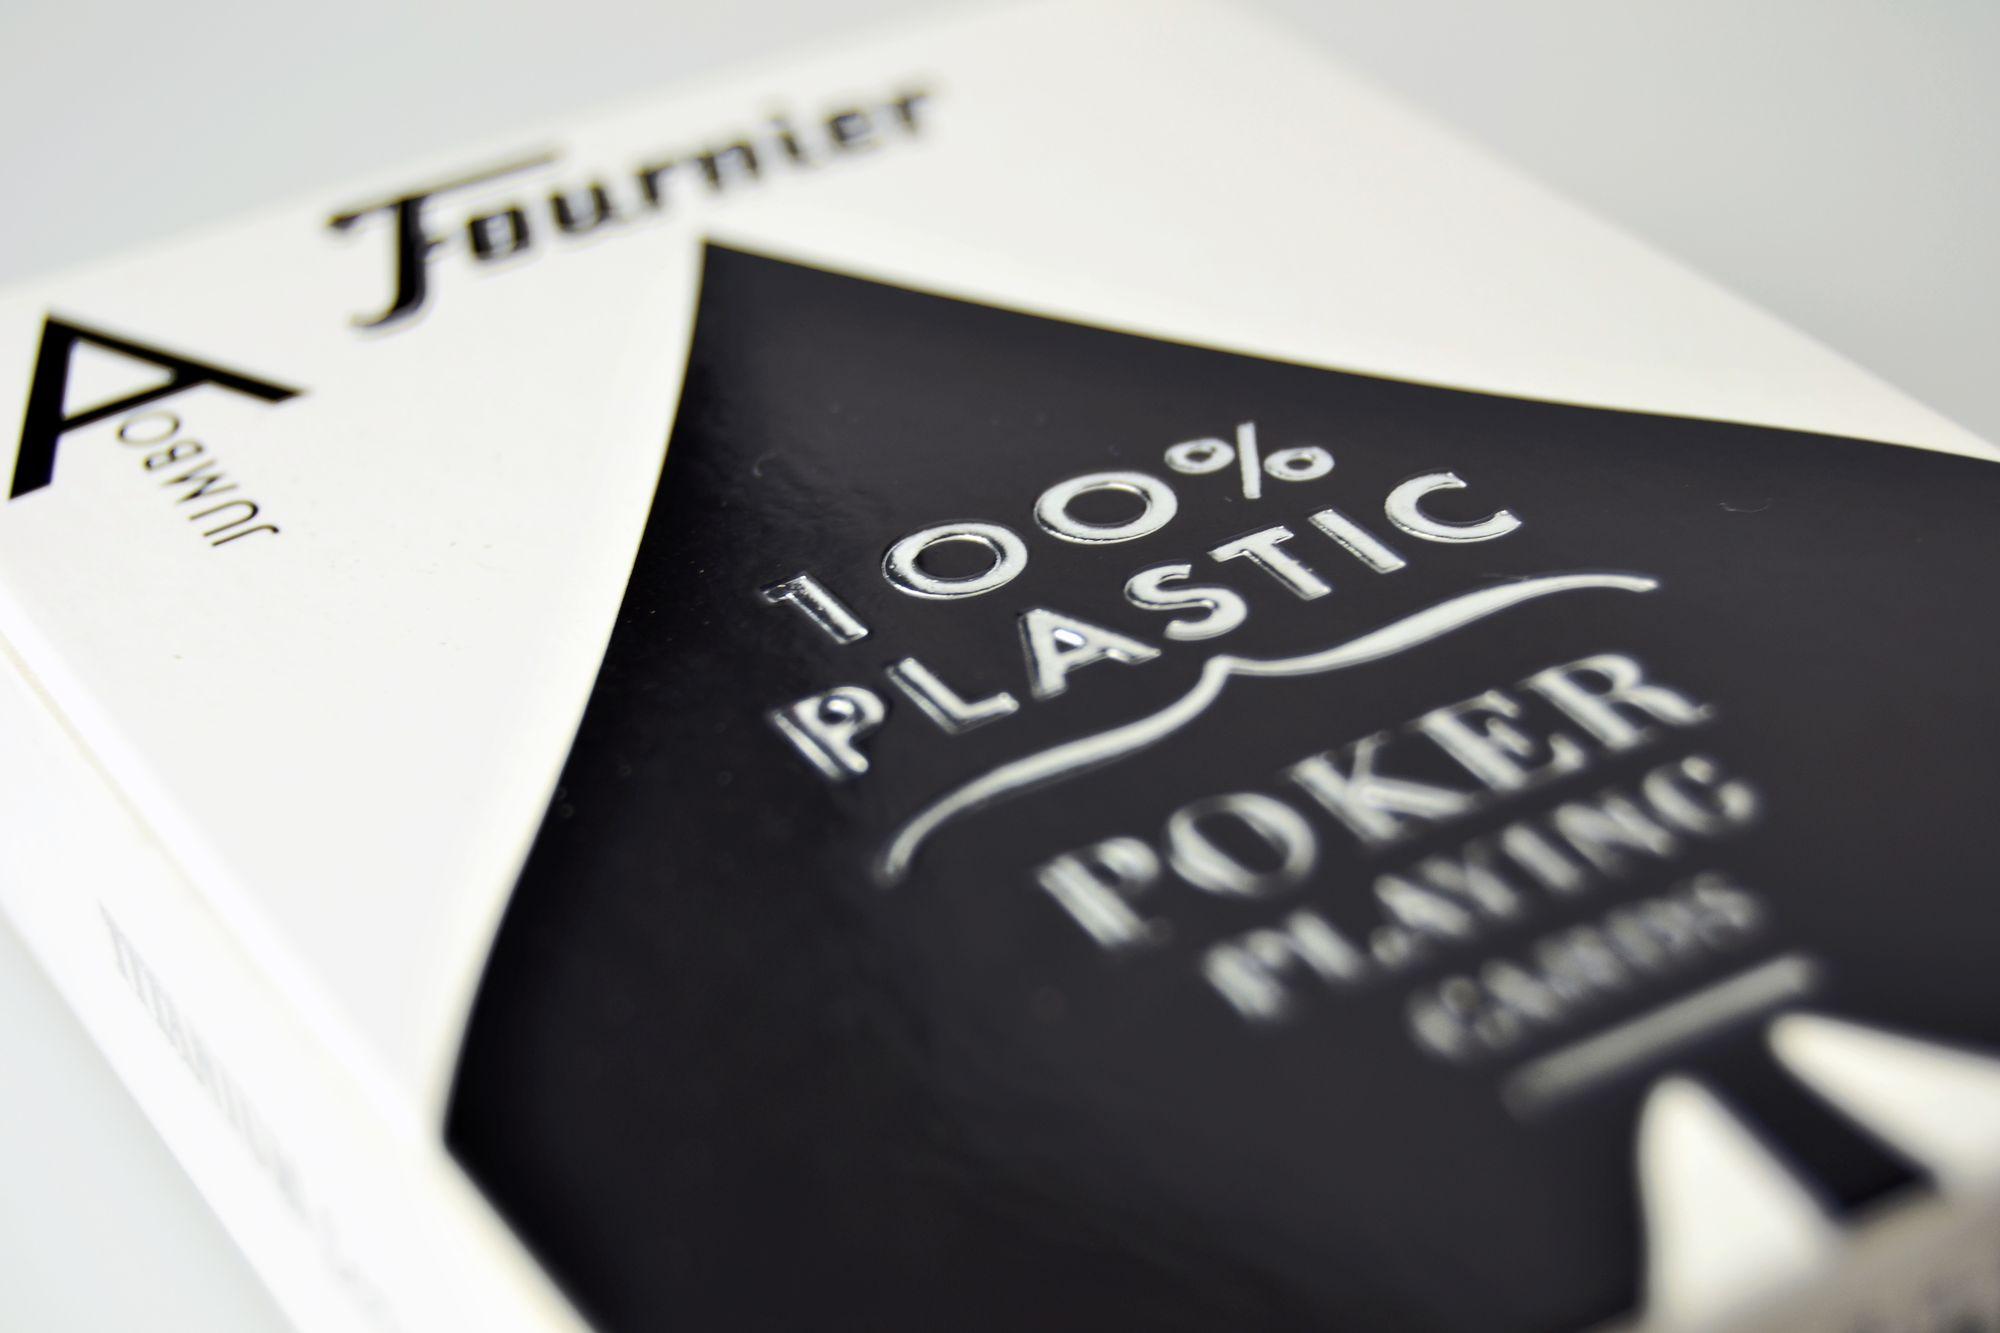 Les cartes 100% plastique